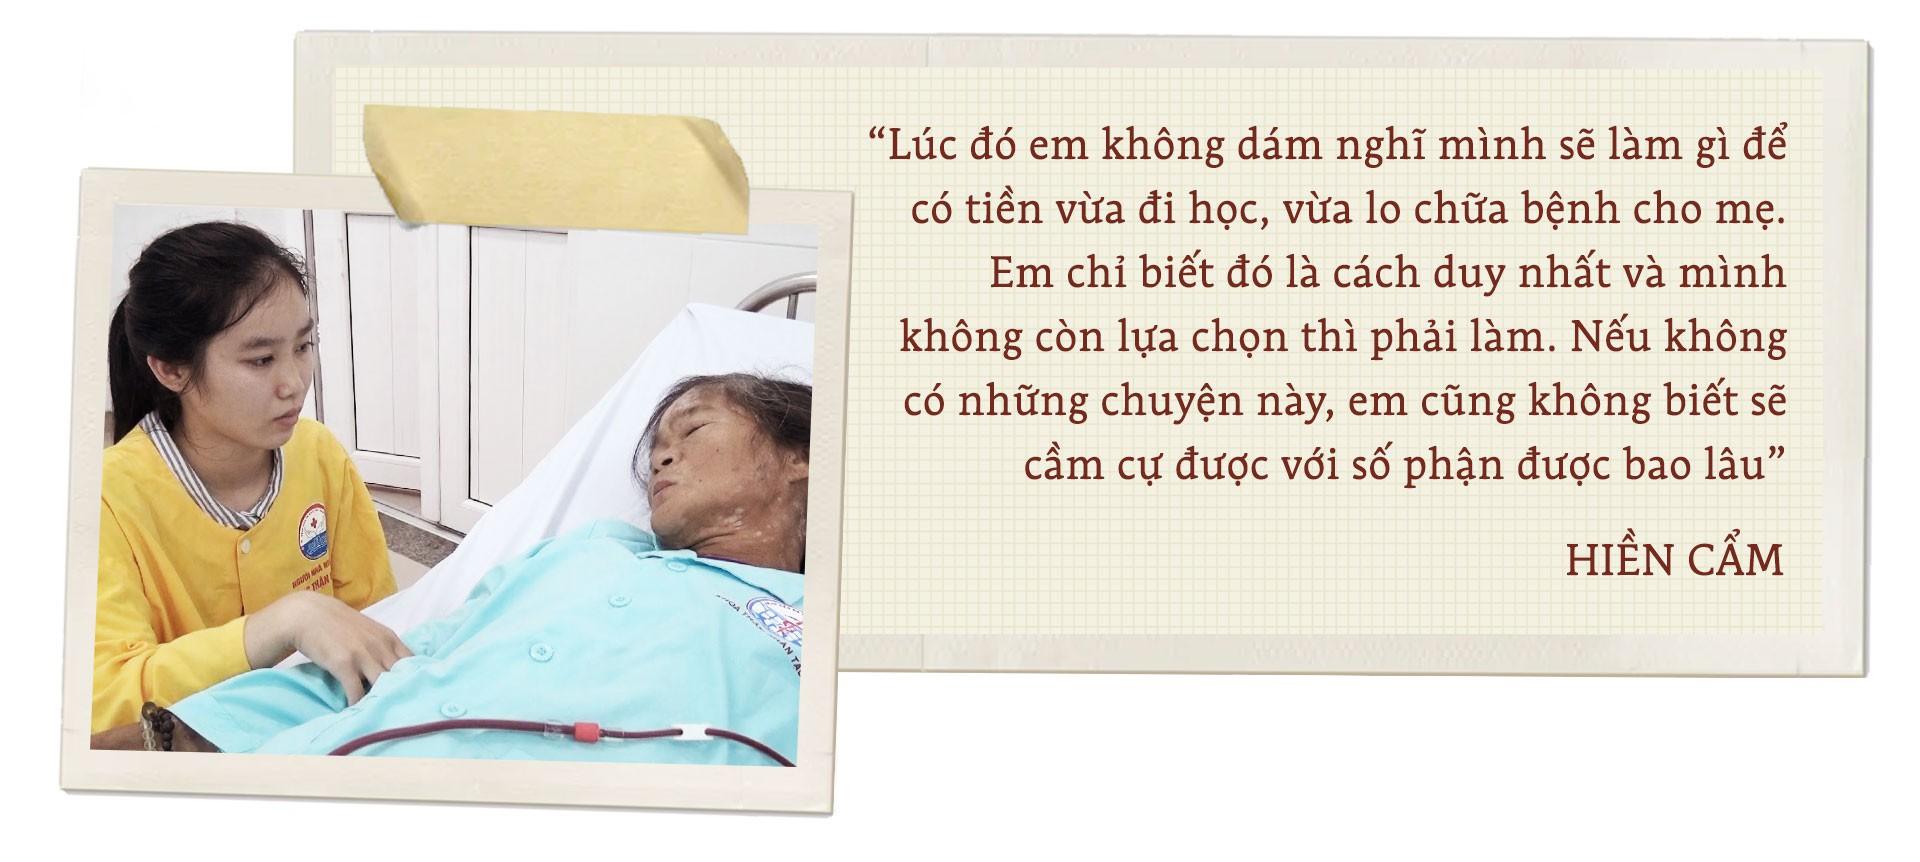 Hành trình yêu thương cùng cô gái Cõng mẹ lên giảng đường - Ảnh 4.